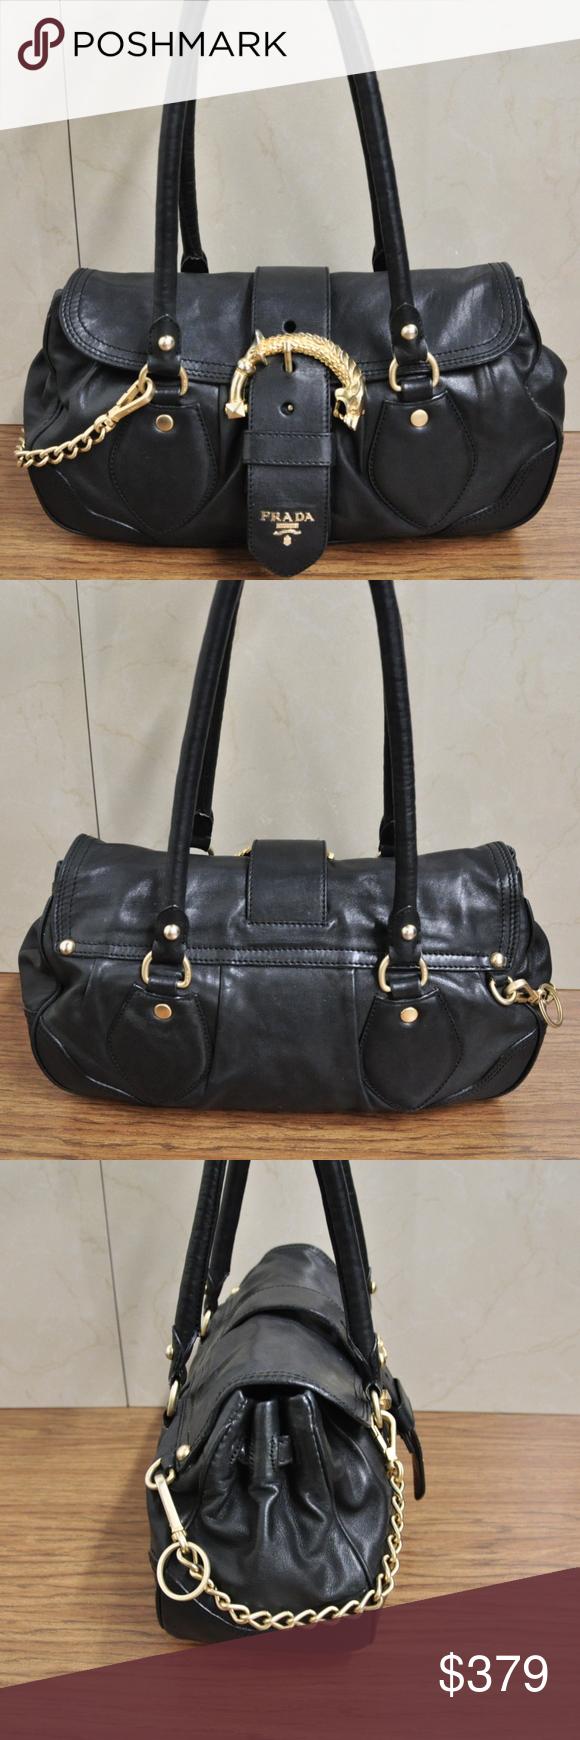 a0a10820e3fb Prada Cervo Animalier Black Soft Leather Satchel Auth Prada Cervo Animalier  Black Soft Leather Satchel Handbag